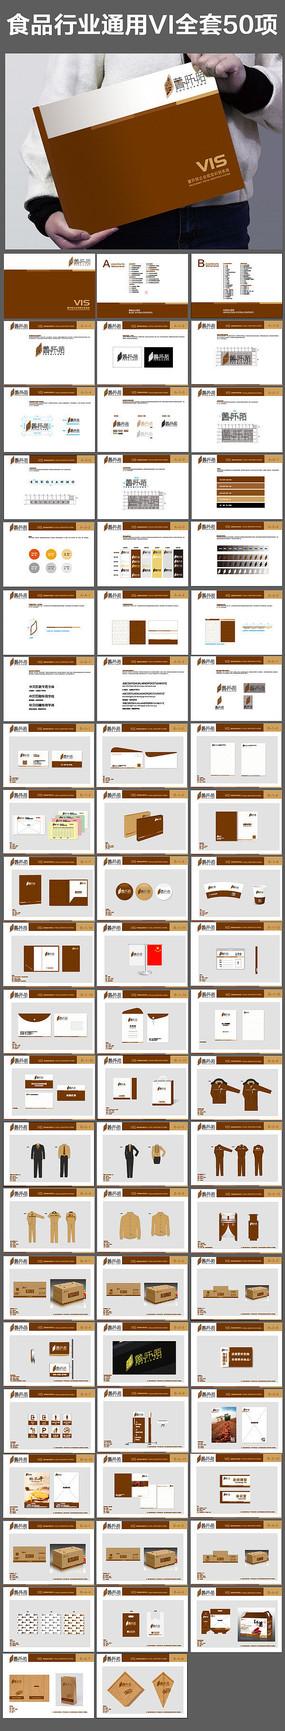 食品行业全套vi手册设计模板